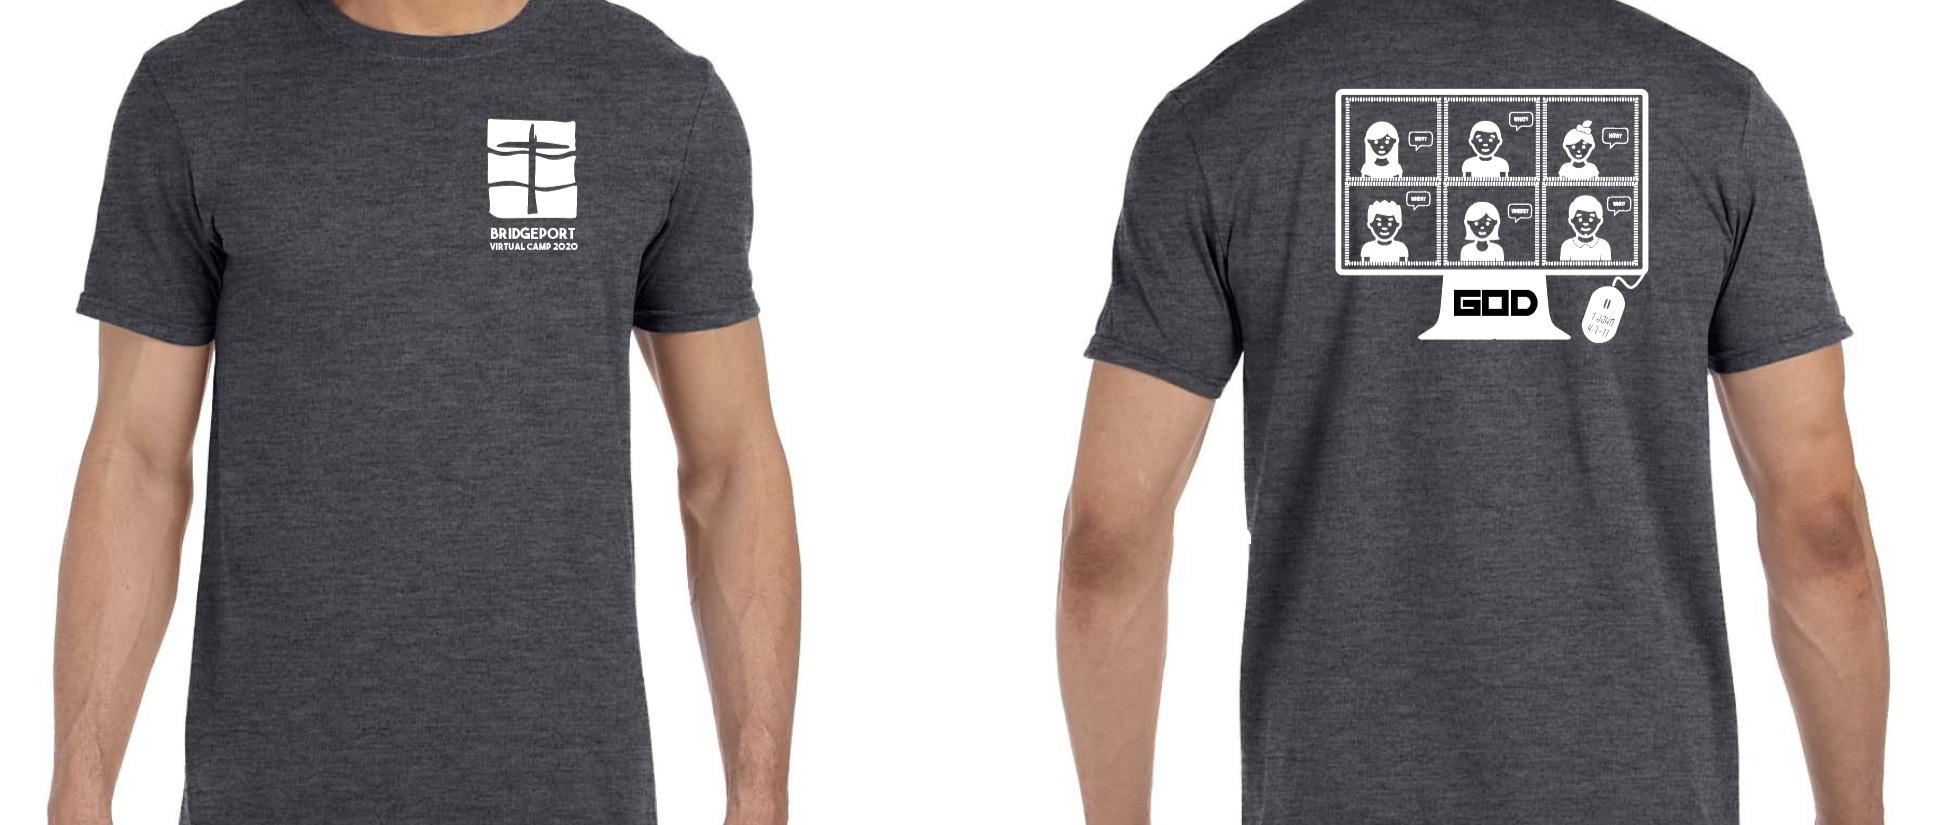 Summer 2020 Shirt